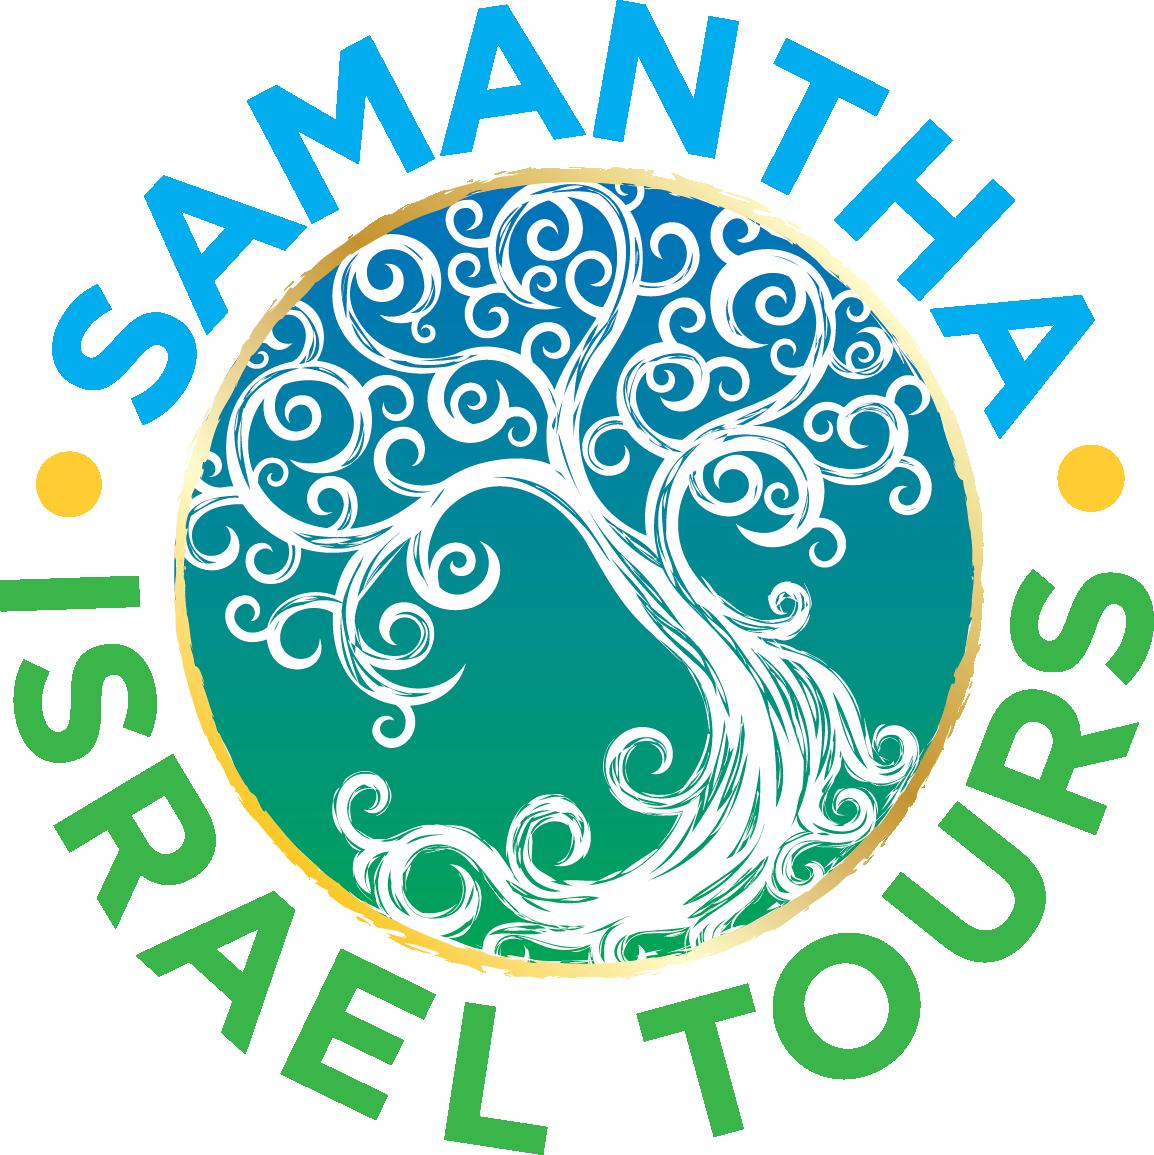 Rosh hashanah clipart shofar horn. Celebrate the jewish new